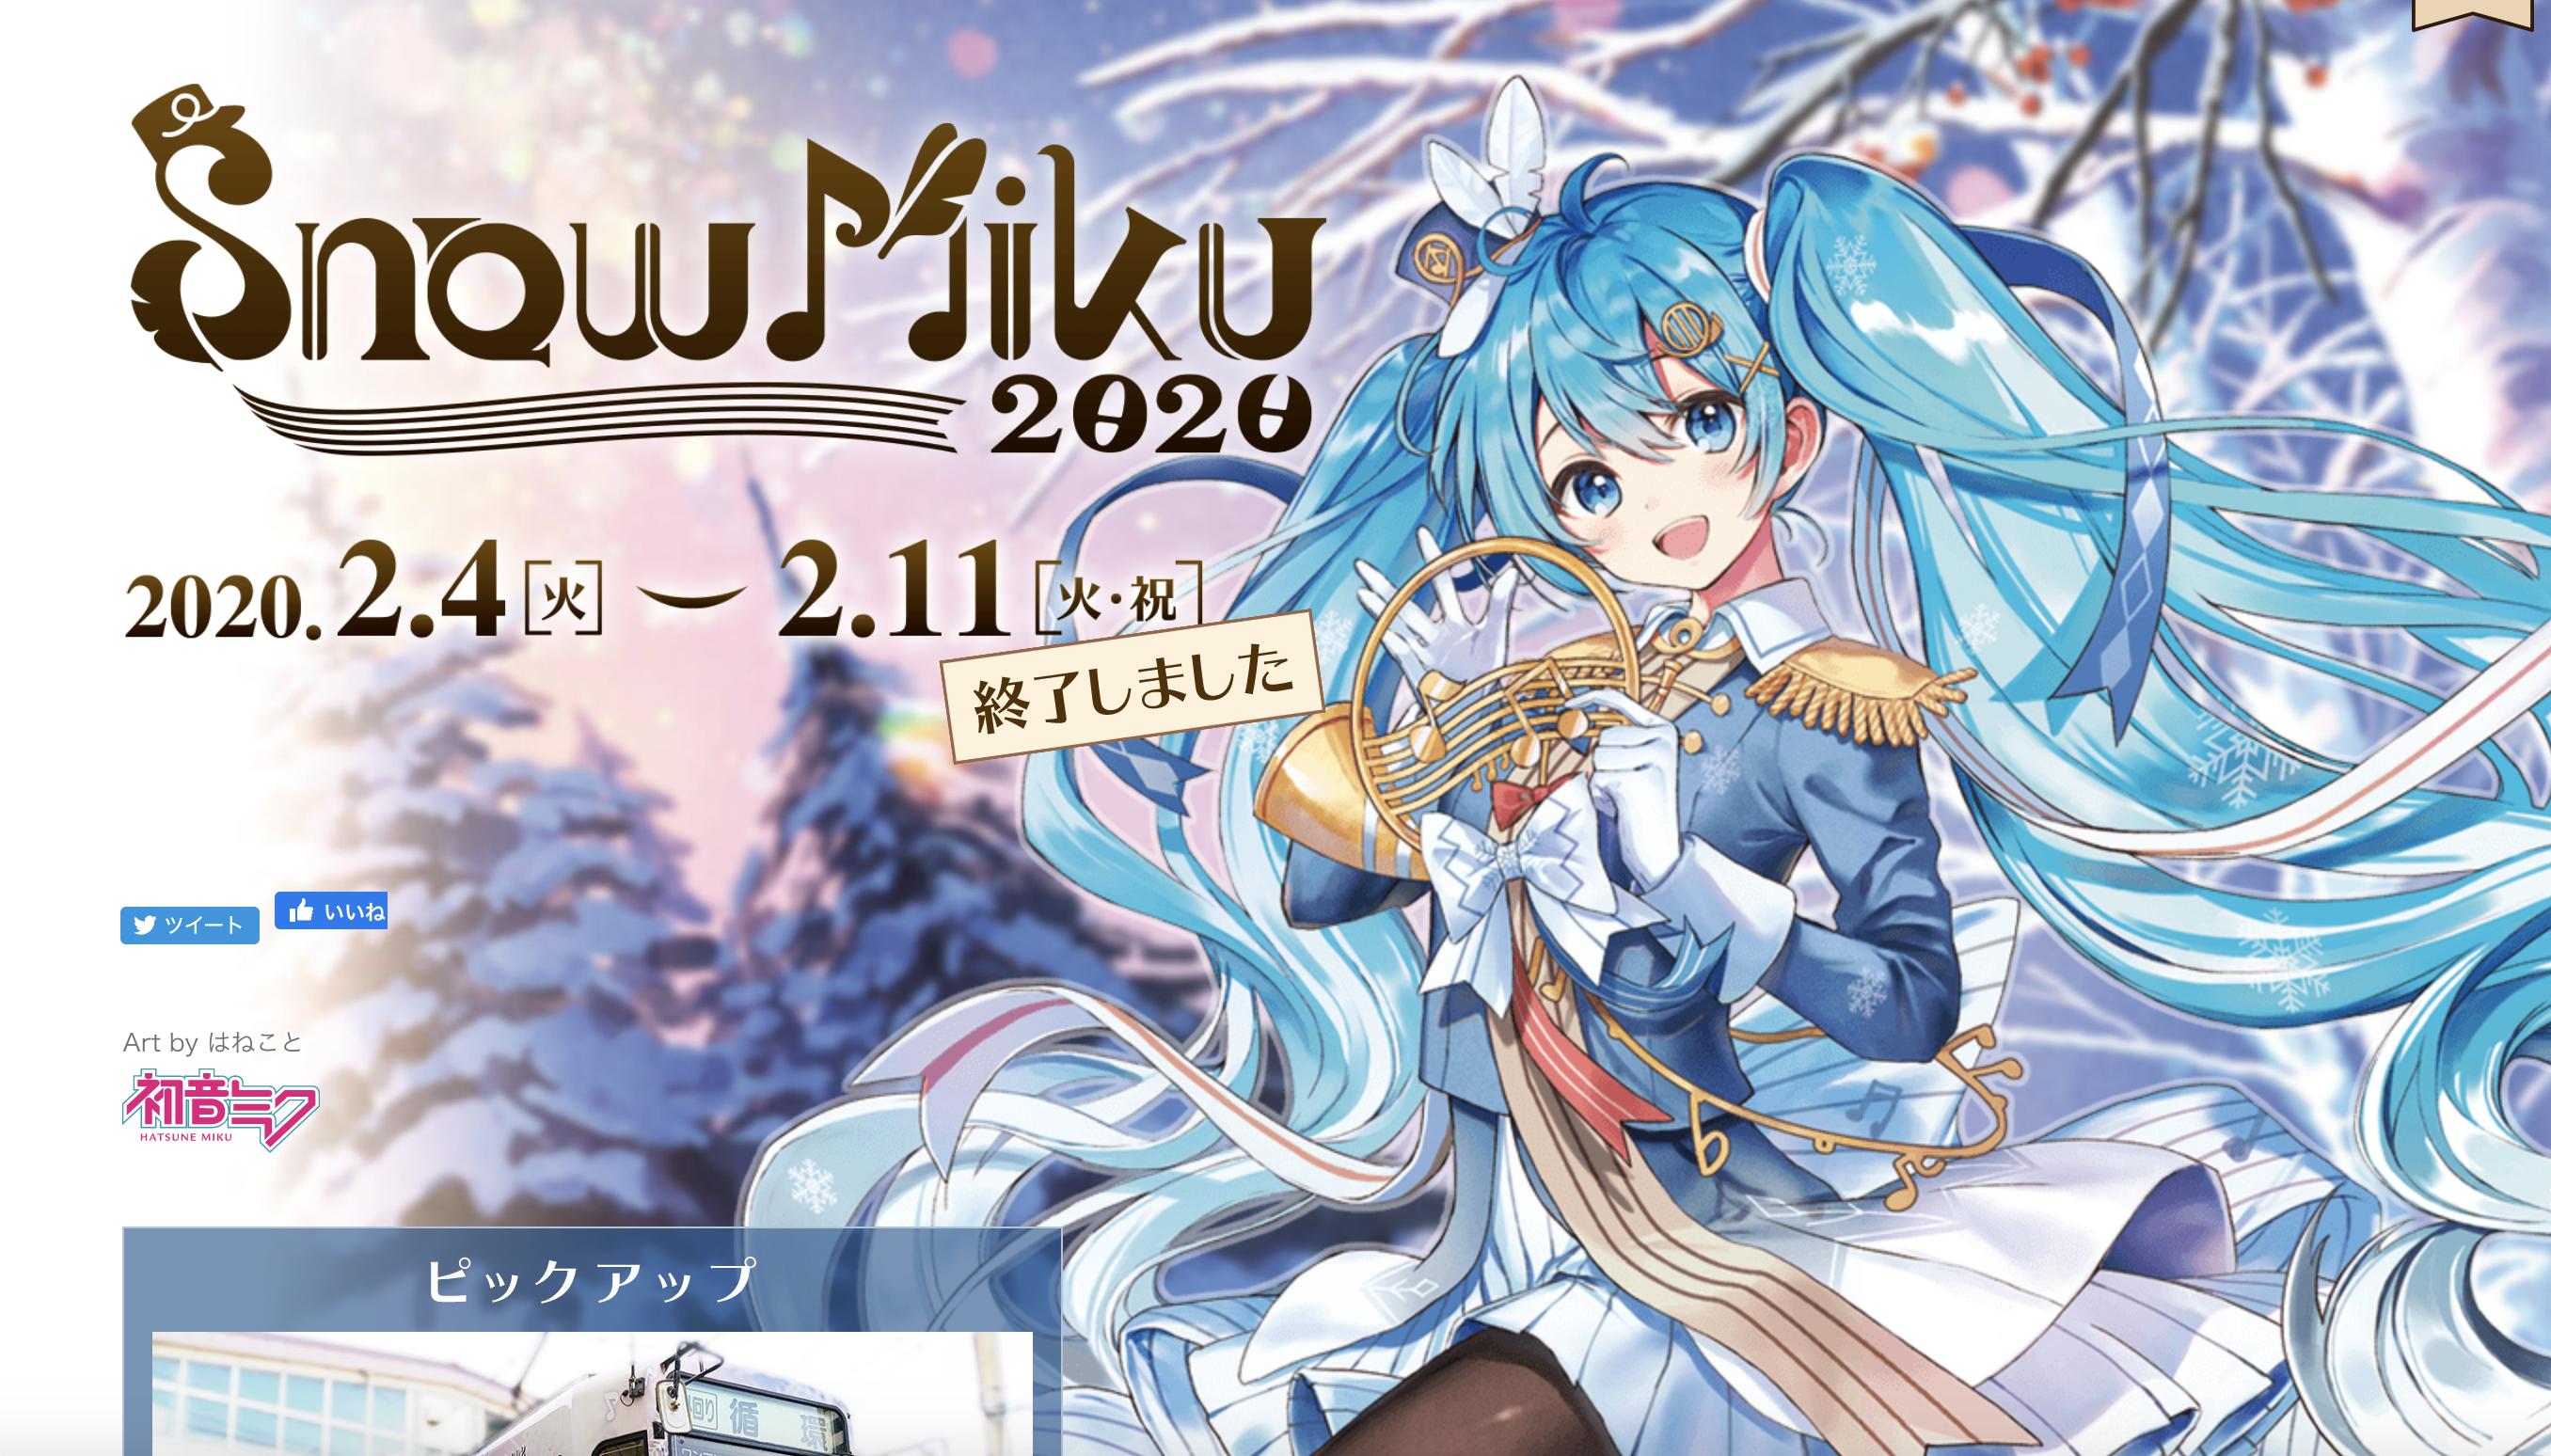 スクリーンショット 2020-12-19 3.25.44.png (5.9 MB)